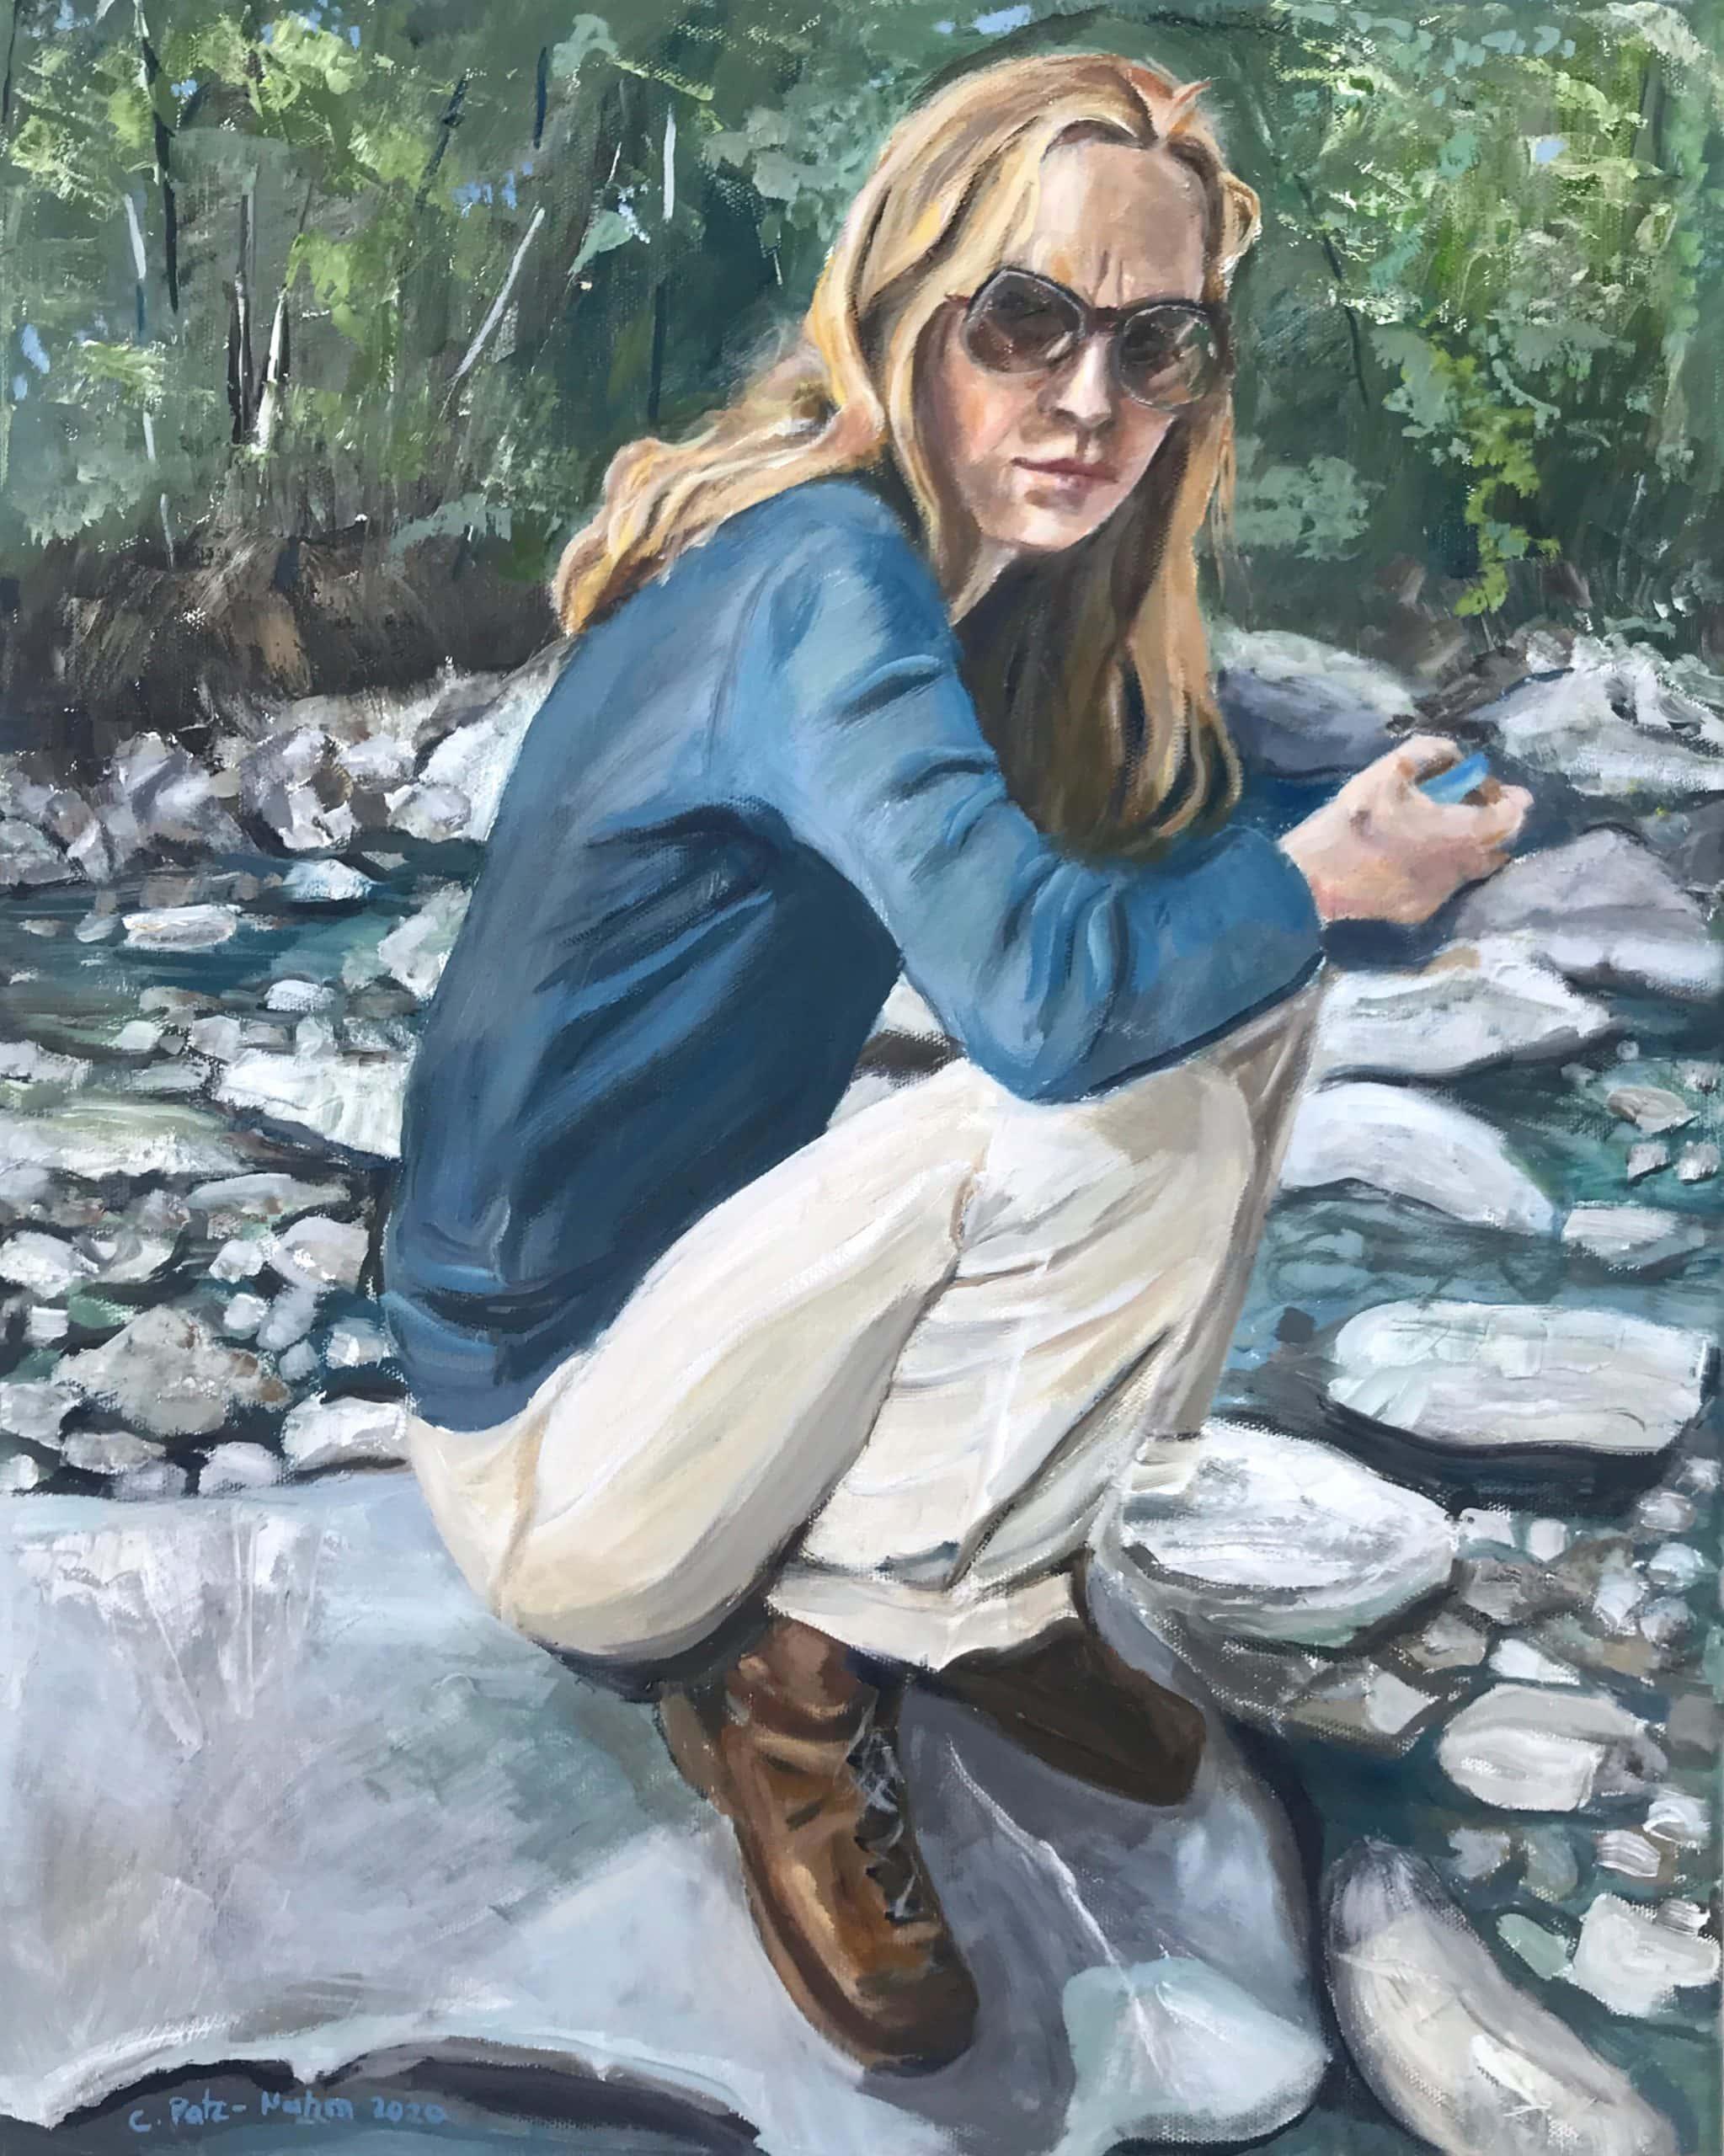 Zwischen den Steinen, 40x50cm, 2020, Ölmalerei